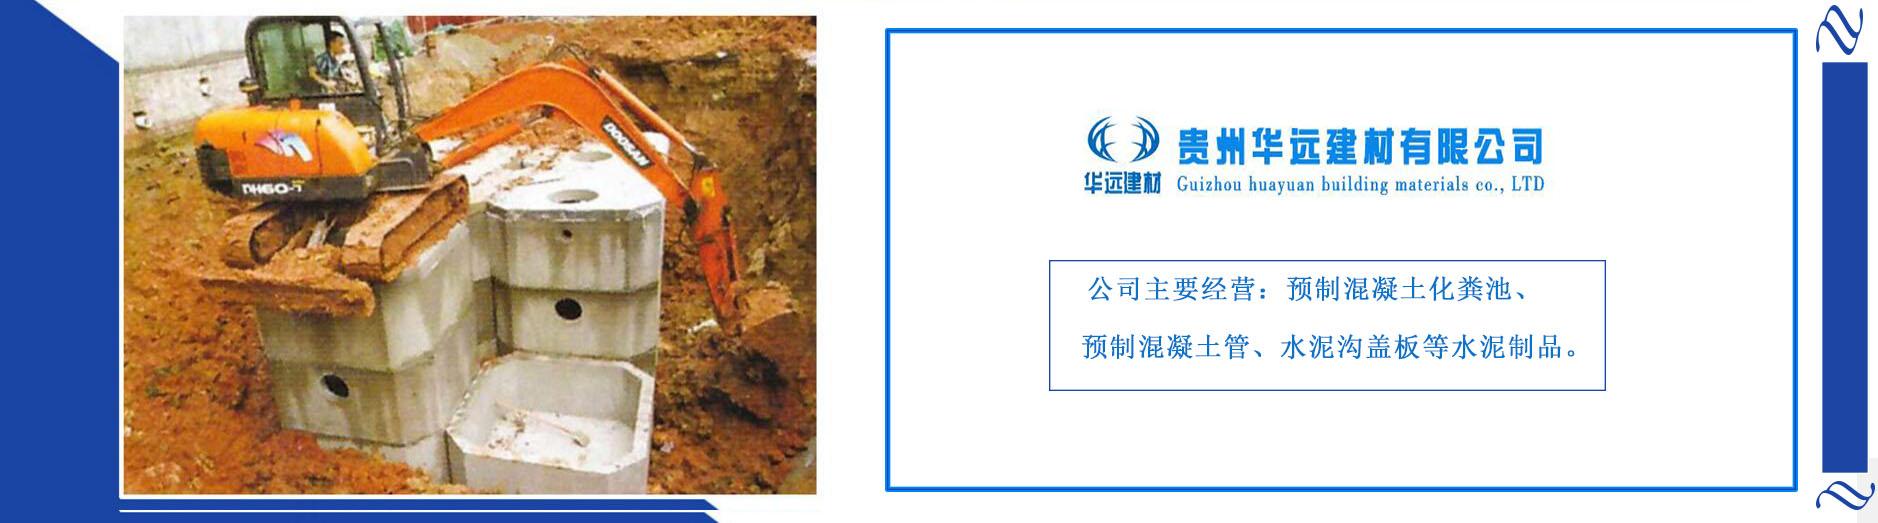 贵州混凝土化粪池